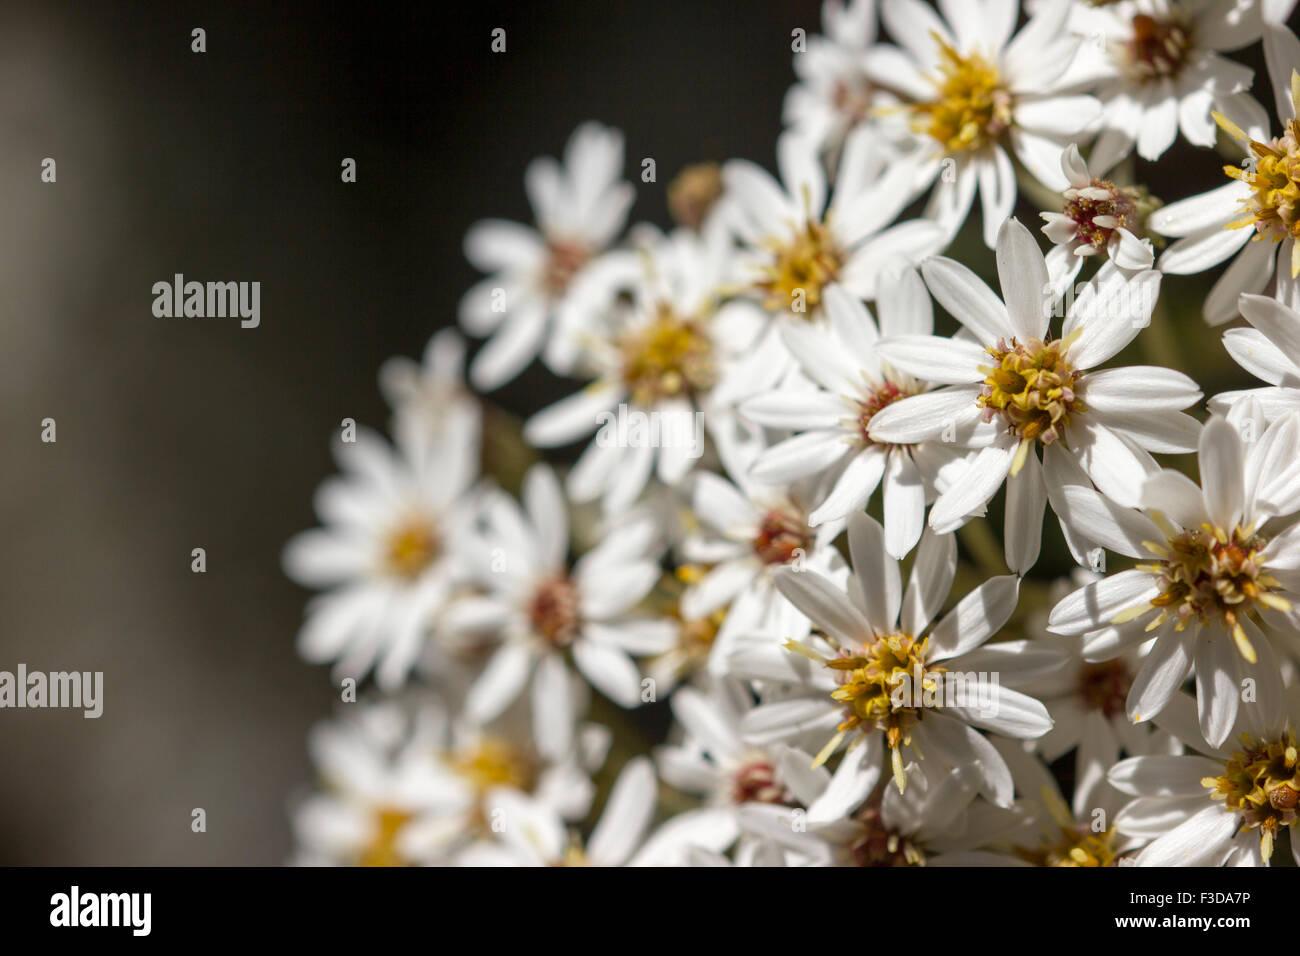 Wild Daisy - Stock Image